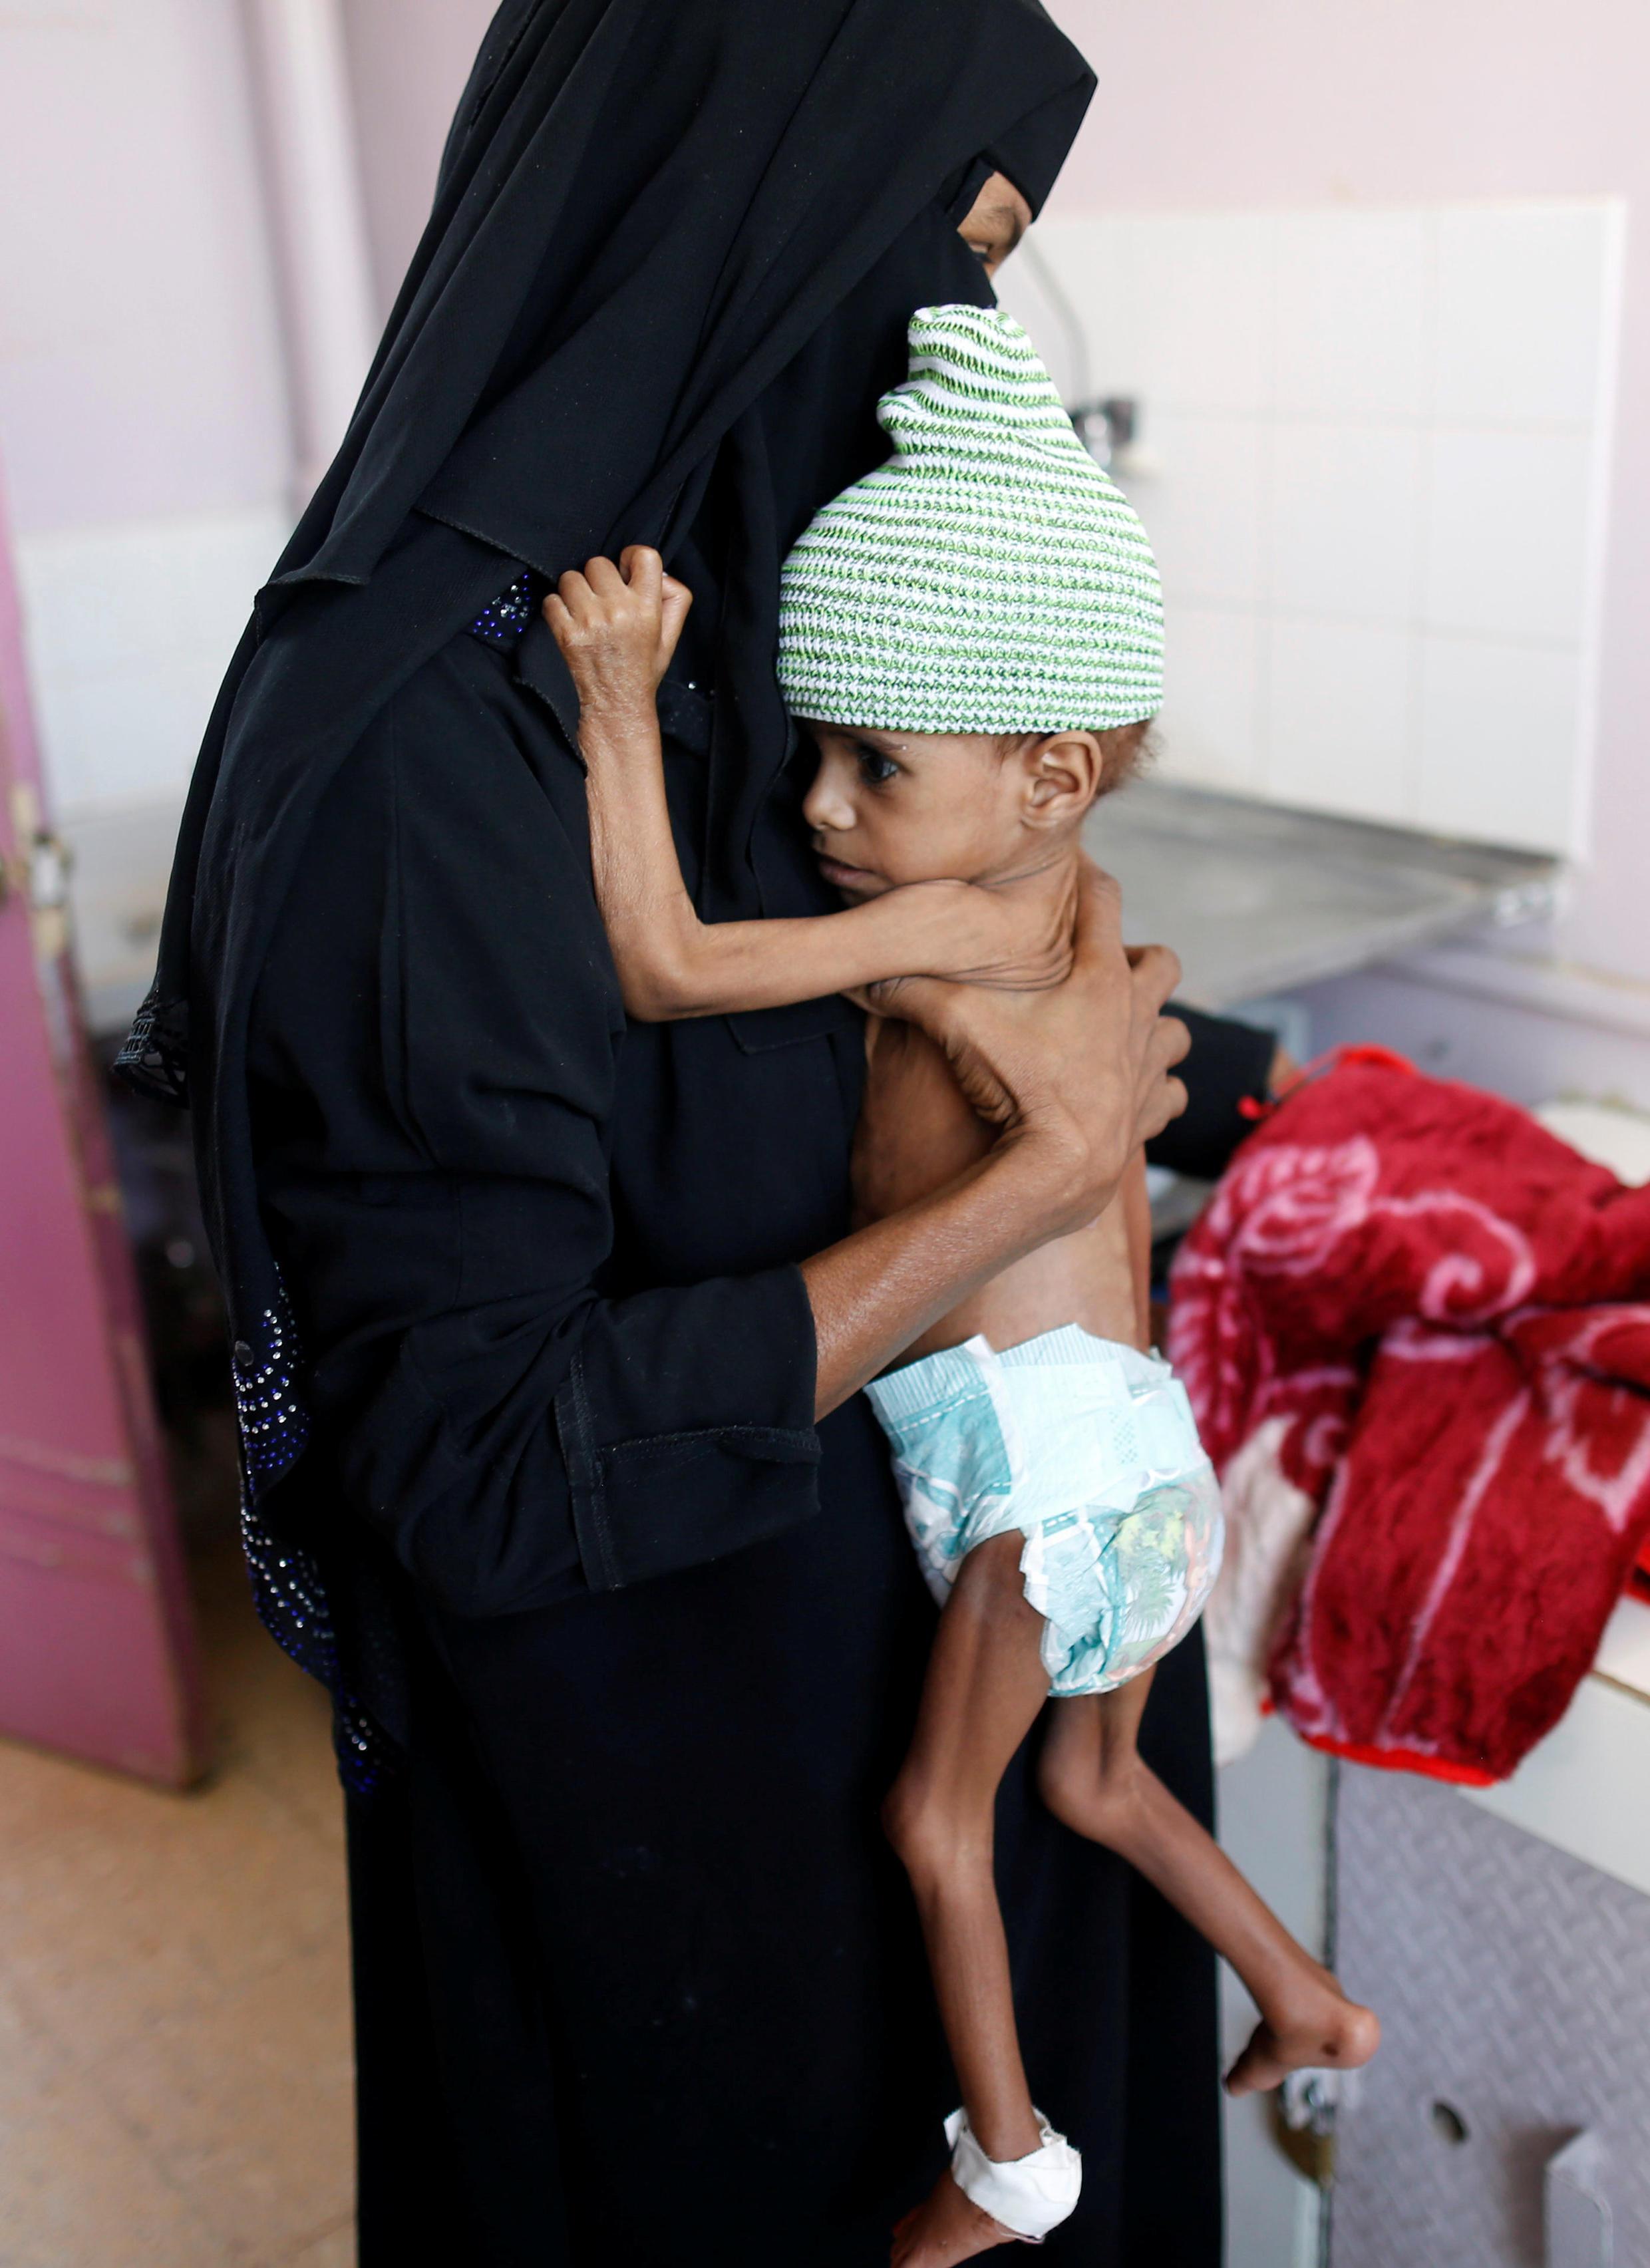 Uma mãe com sua criança desnutrida em um centro de tratamento de desnutrição em Sanaa, no Iêmen. 07/10/18.